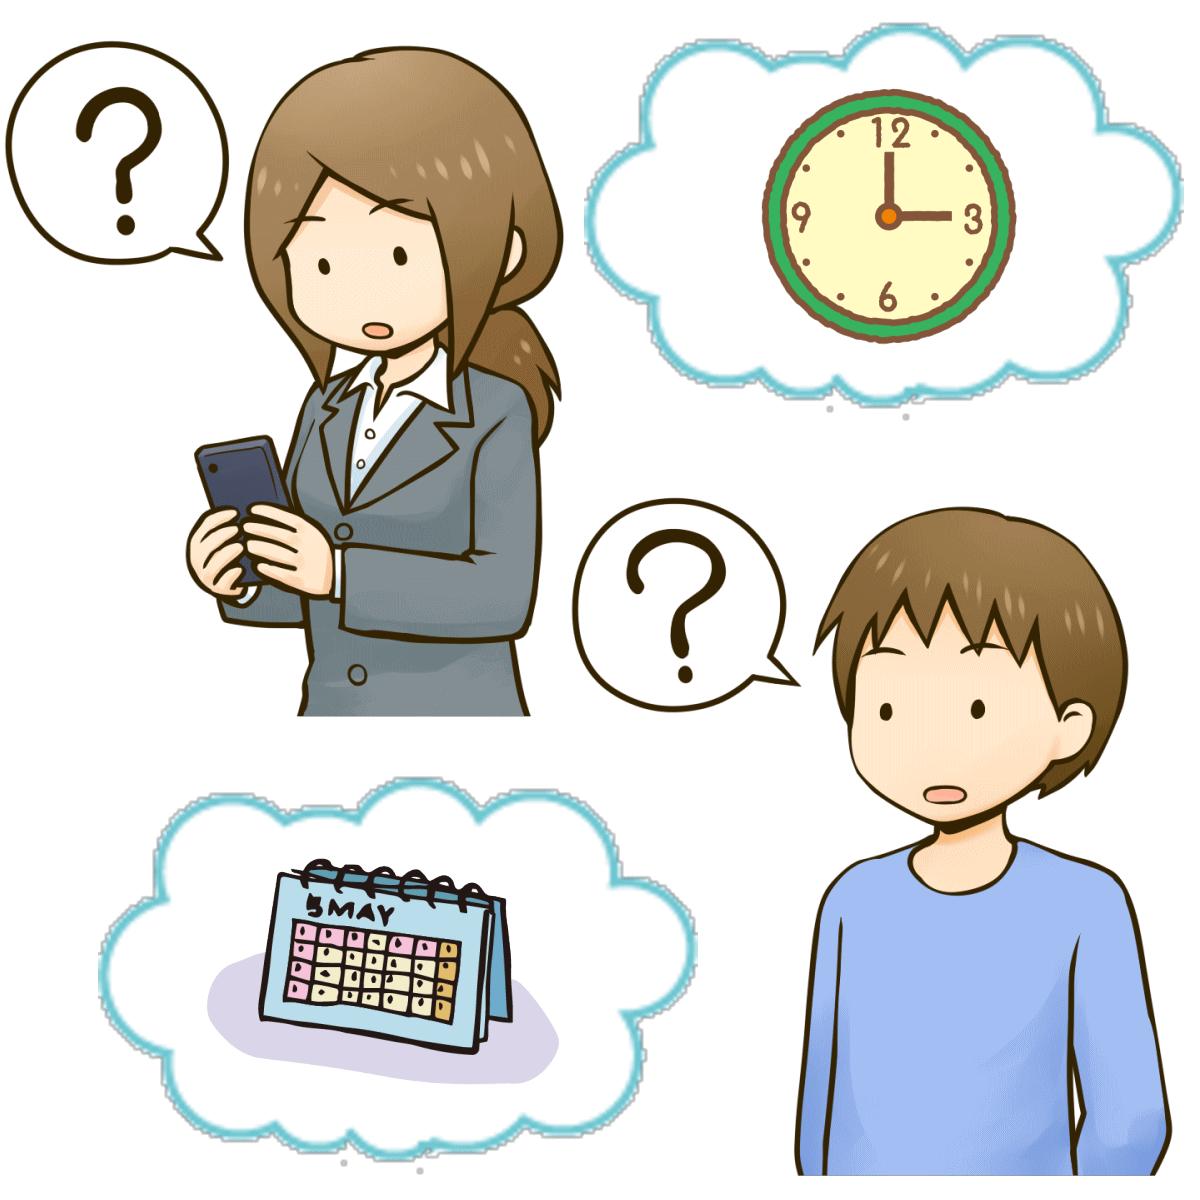 オンラインカウンセリングの日時をきめようとしているイラスト